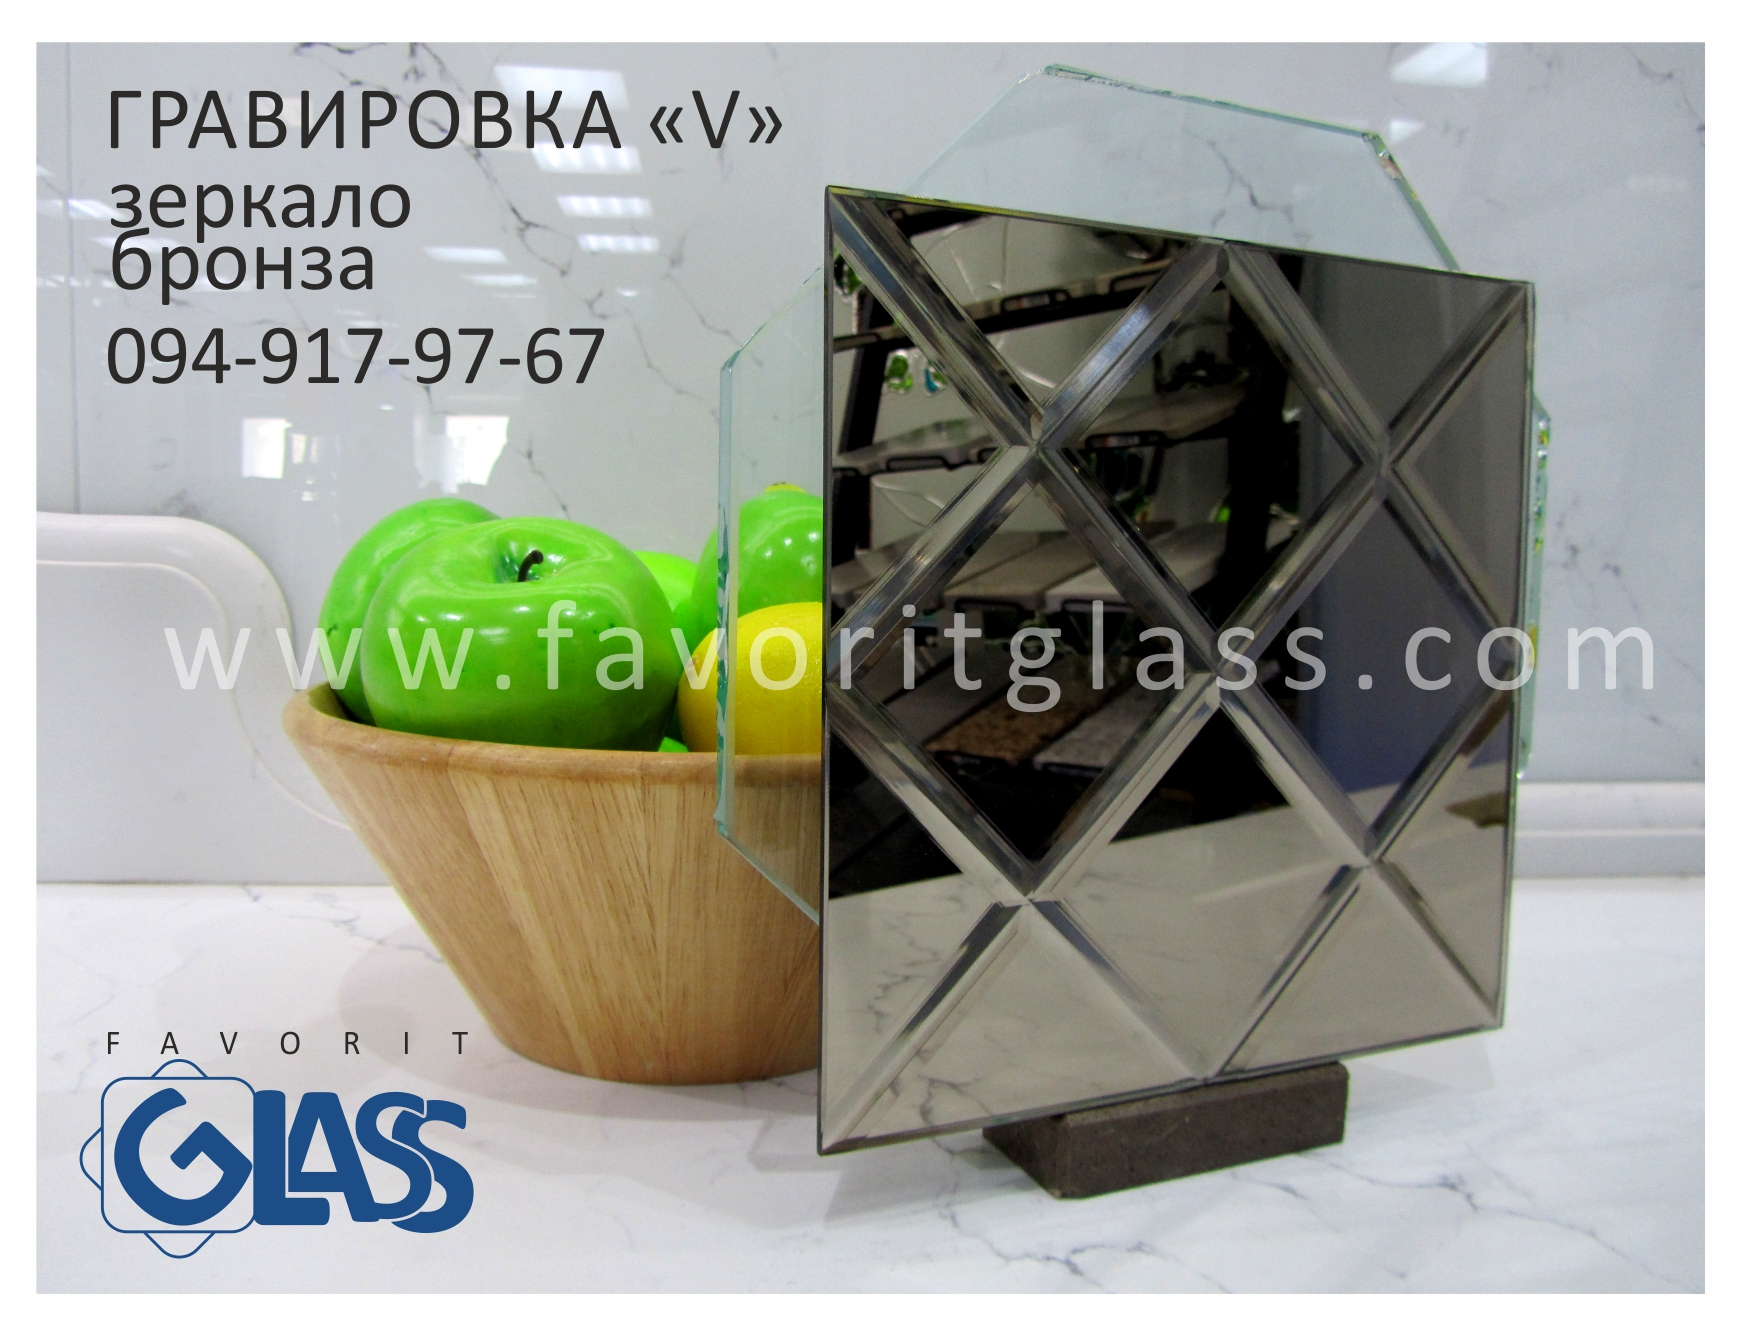 Алмазная Гравировка V на зеркале бронза.